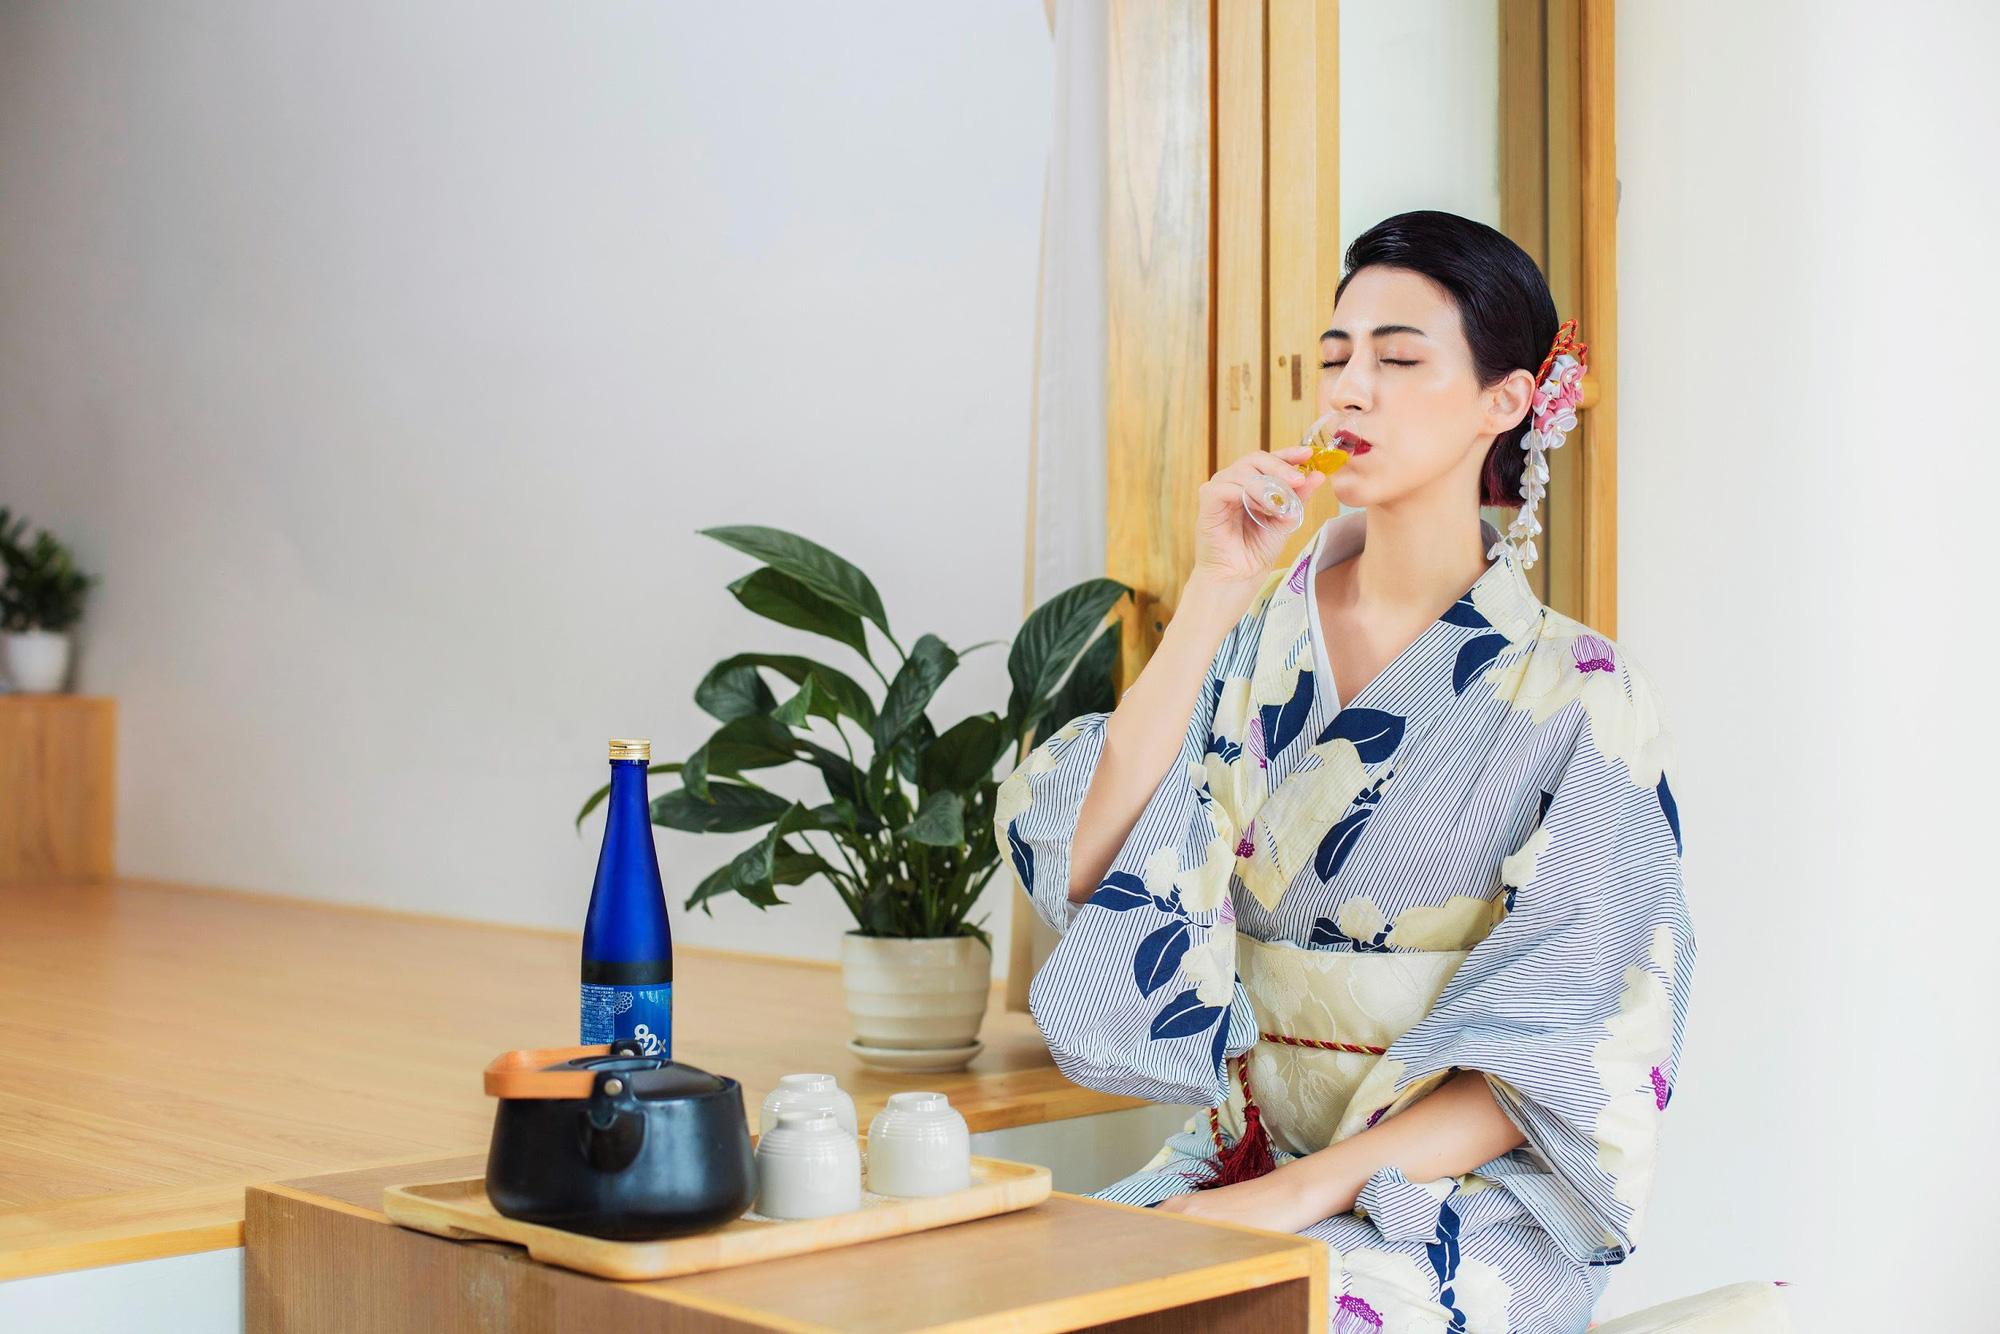 """Nước uống làm đẹp da Nhật Bản mới - Cuộc cách mạng trong """"nghệ thuật chăm sóc da"""" - Ảnh 5."""